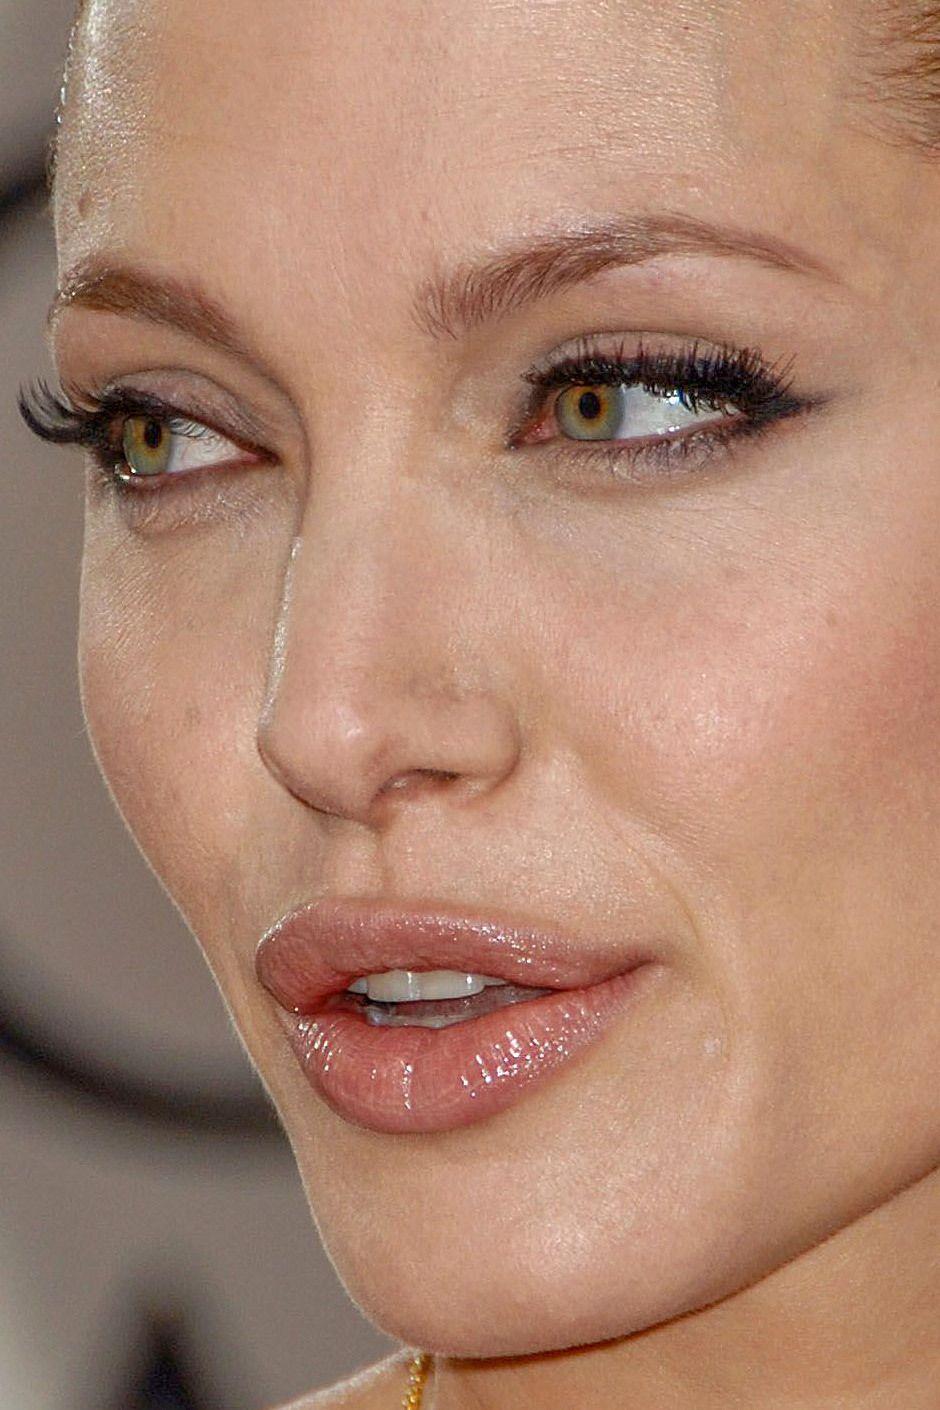 Celebritycloseupmelania trump close up nudes (16 photo), Boobs Celebrity image